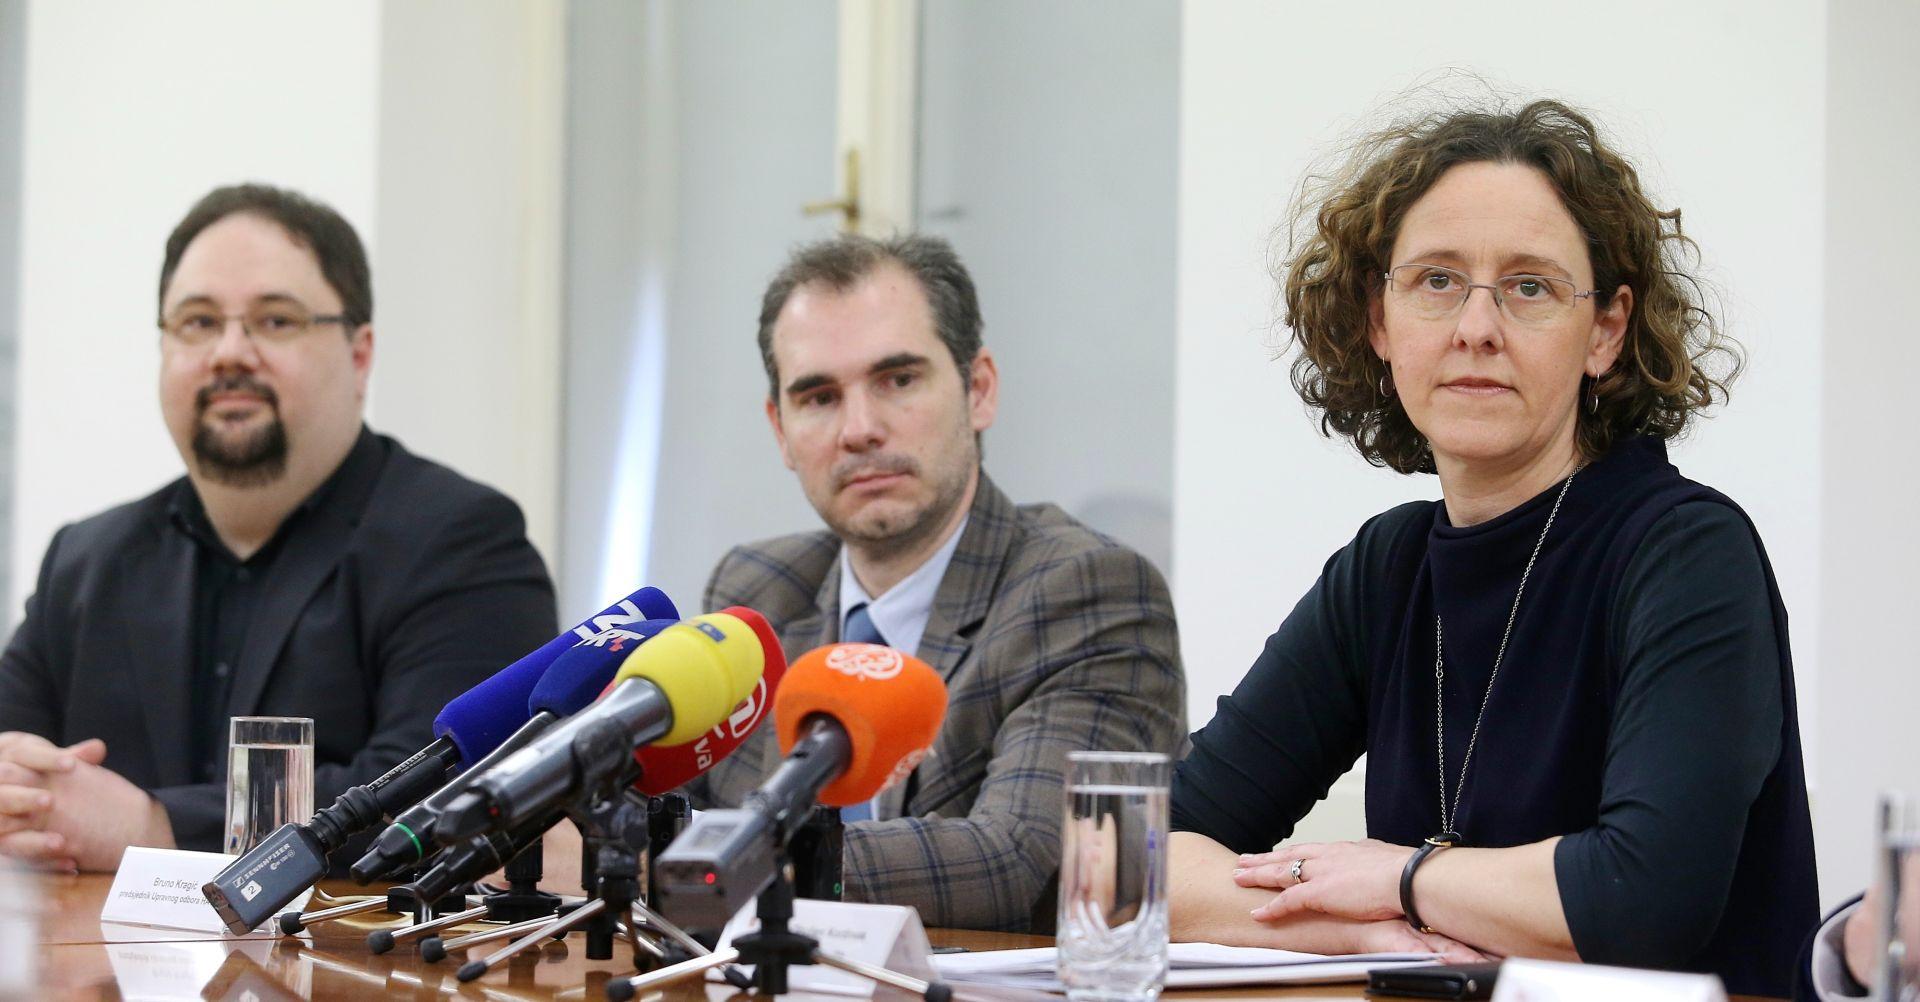 Ministarstvo kulture rješava nepravilnosti i ne želi zastoj u financiranju filmova